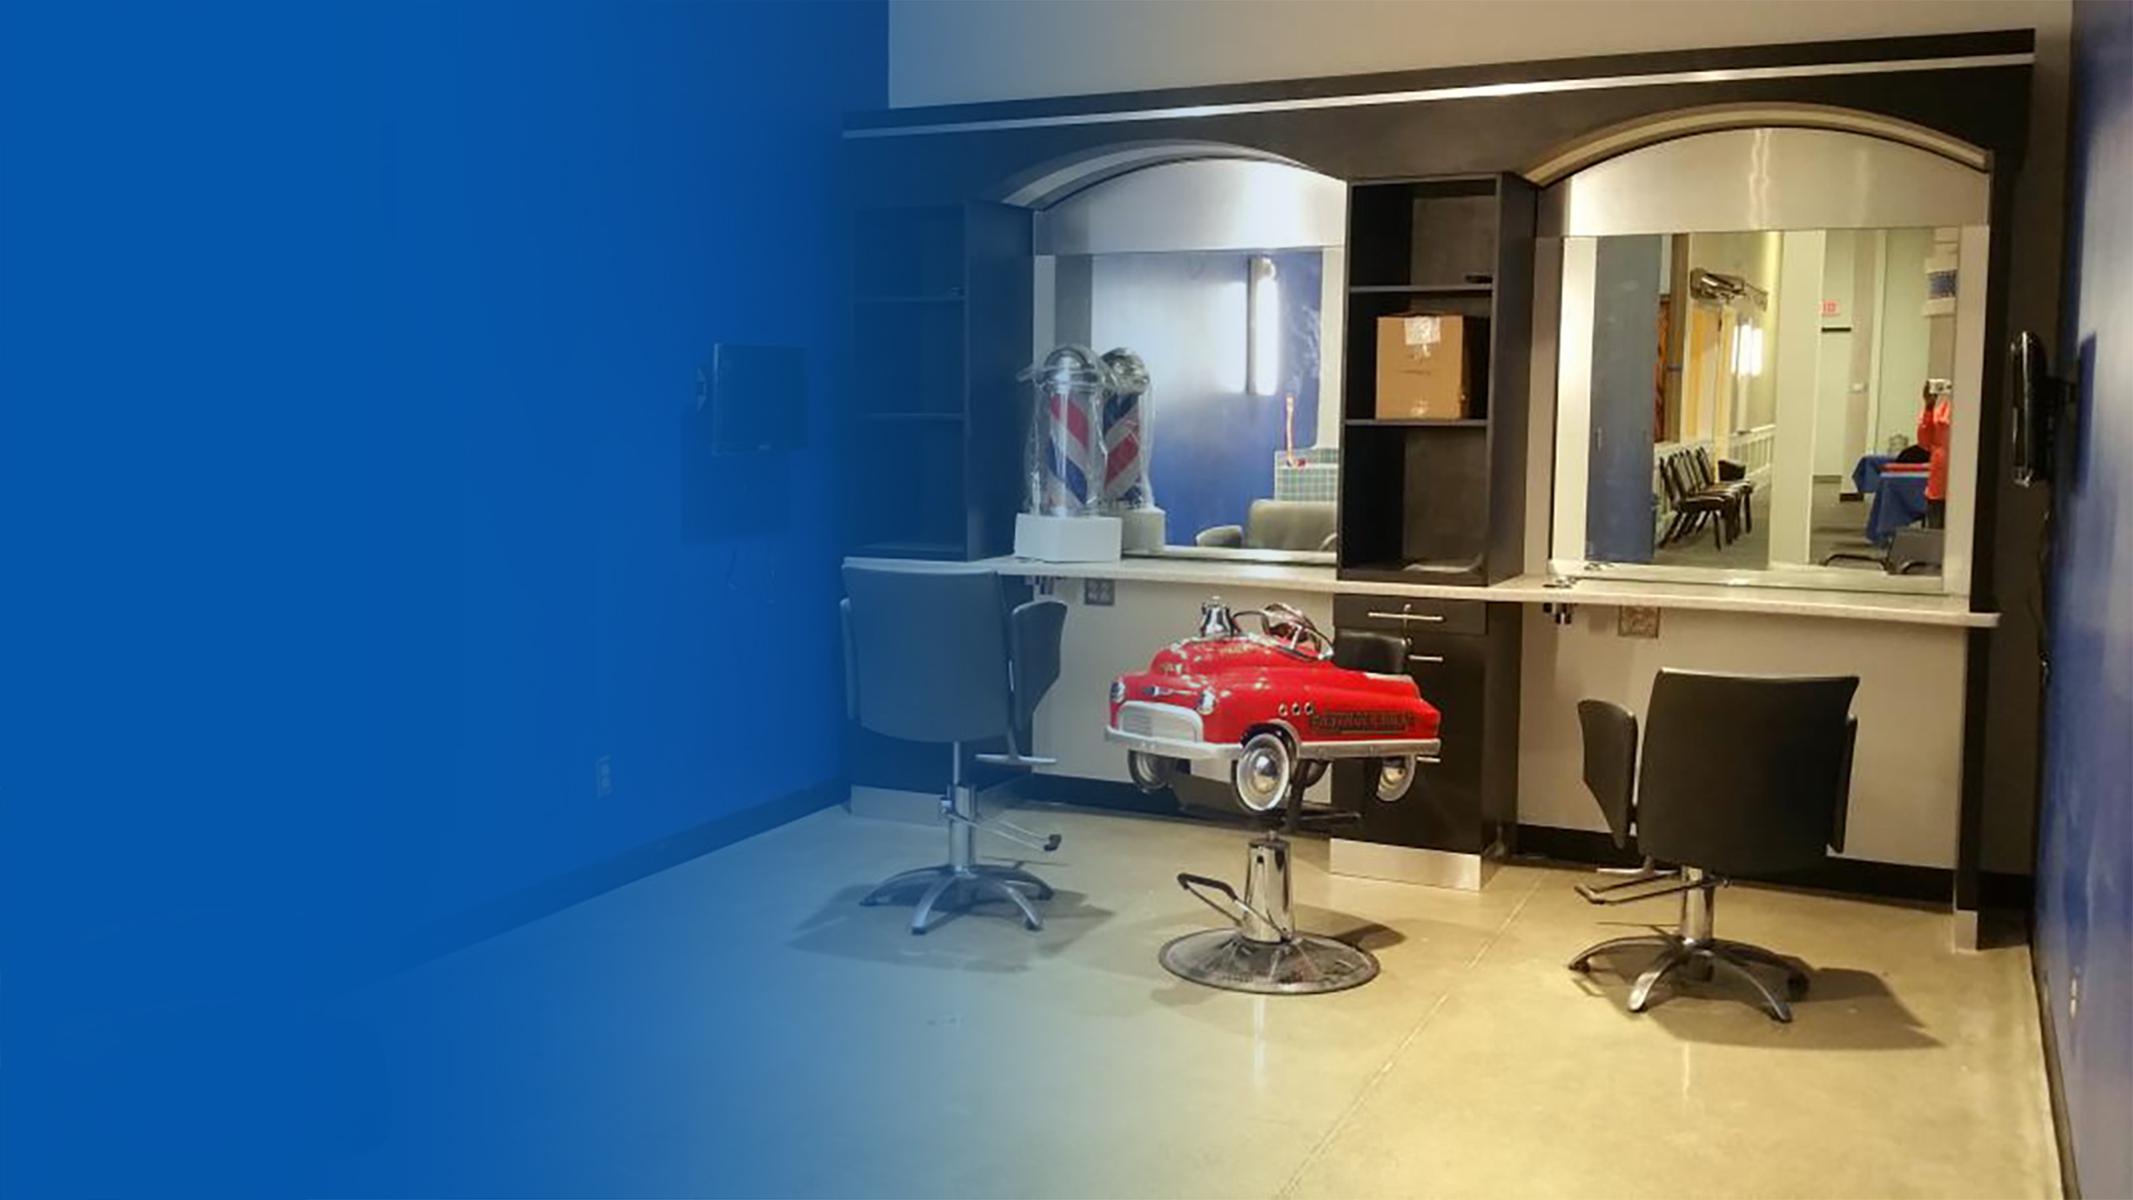 We offer kid-friendly hair cuts.Haircut Hut